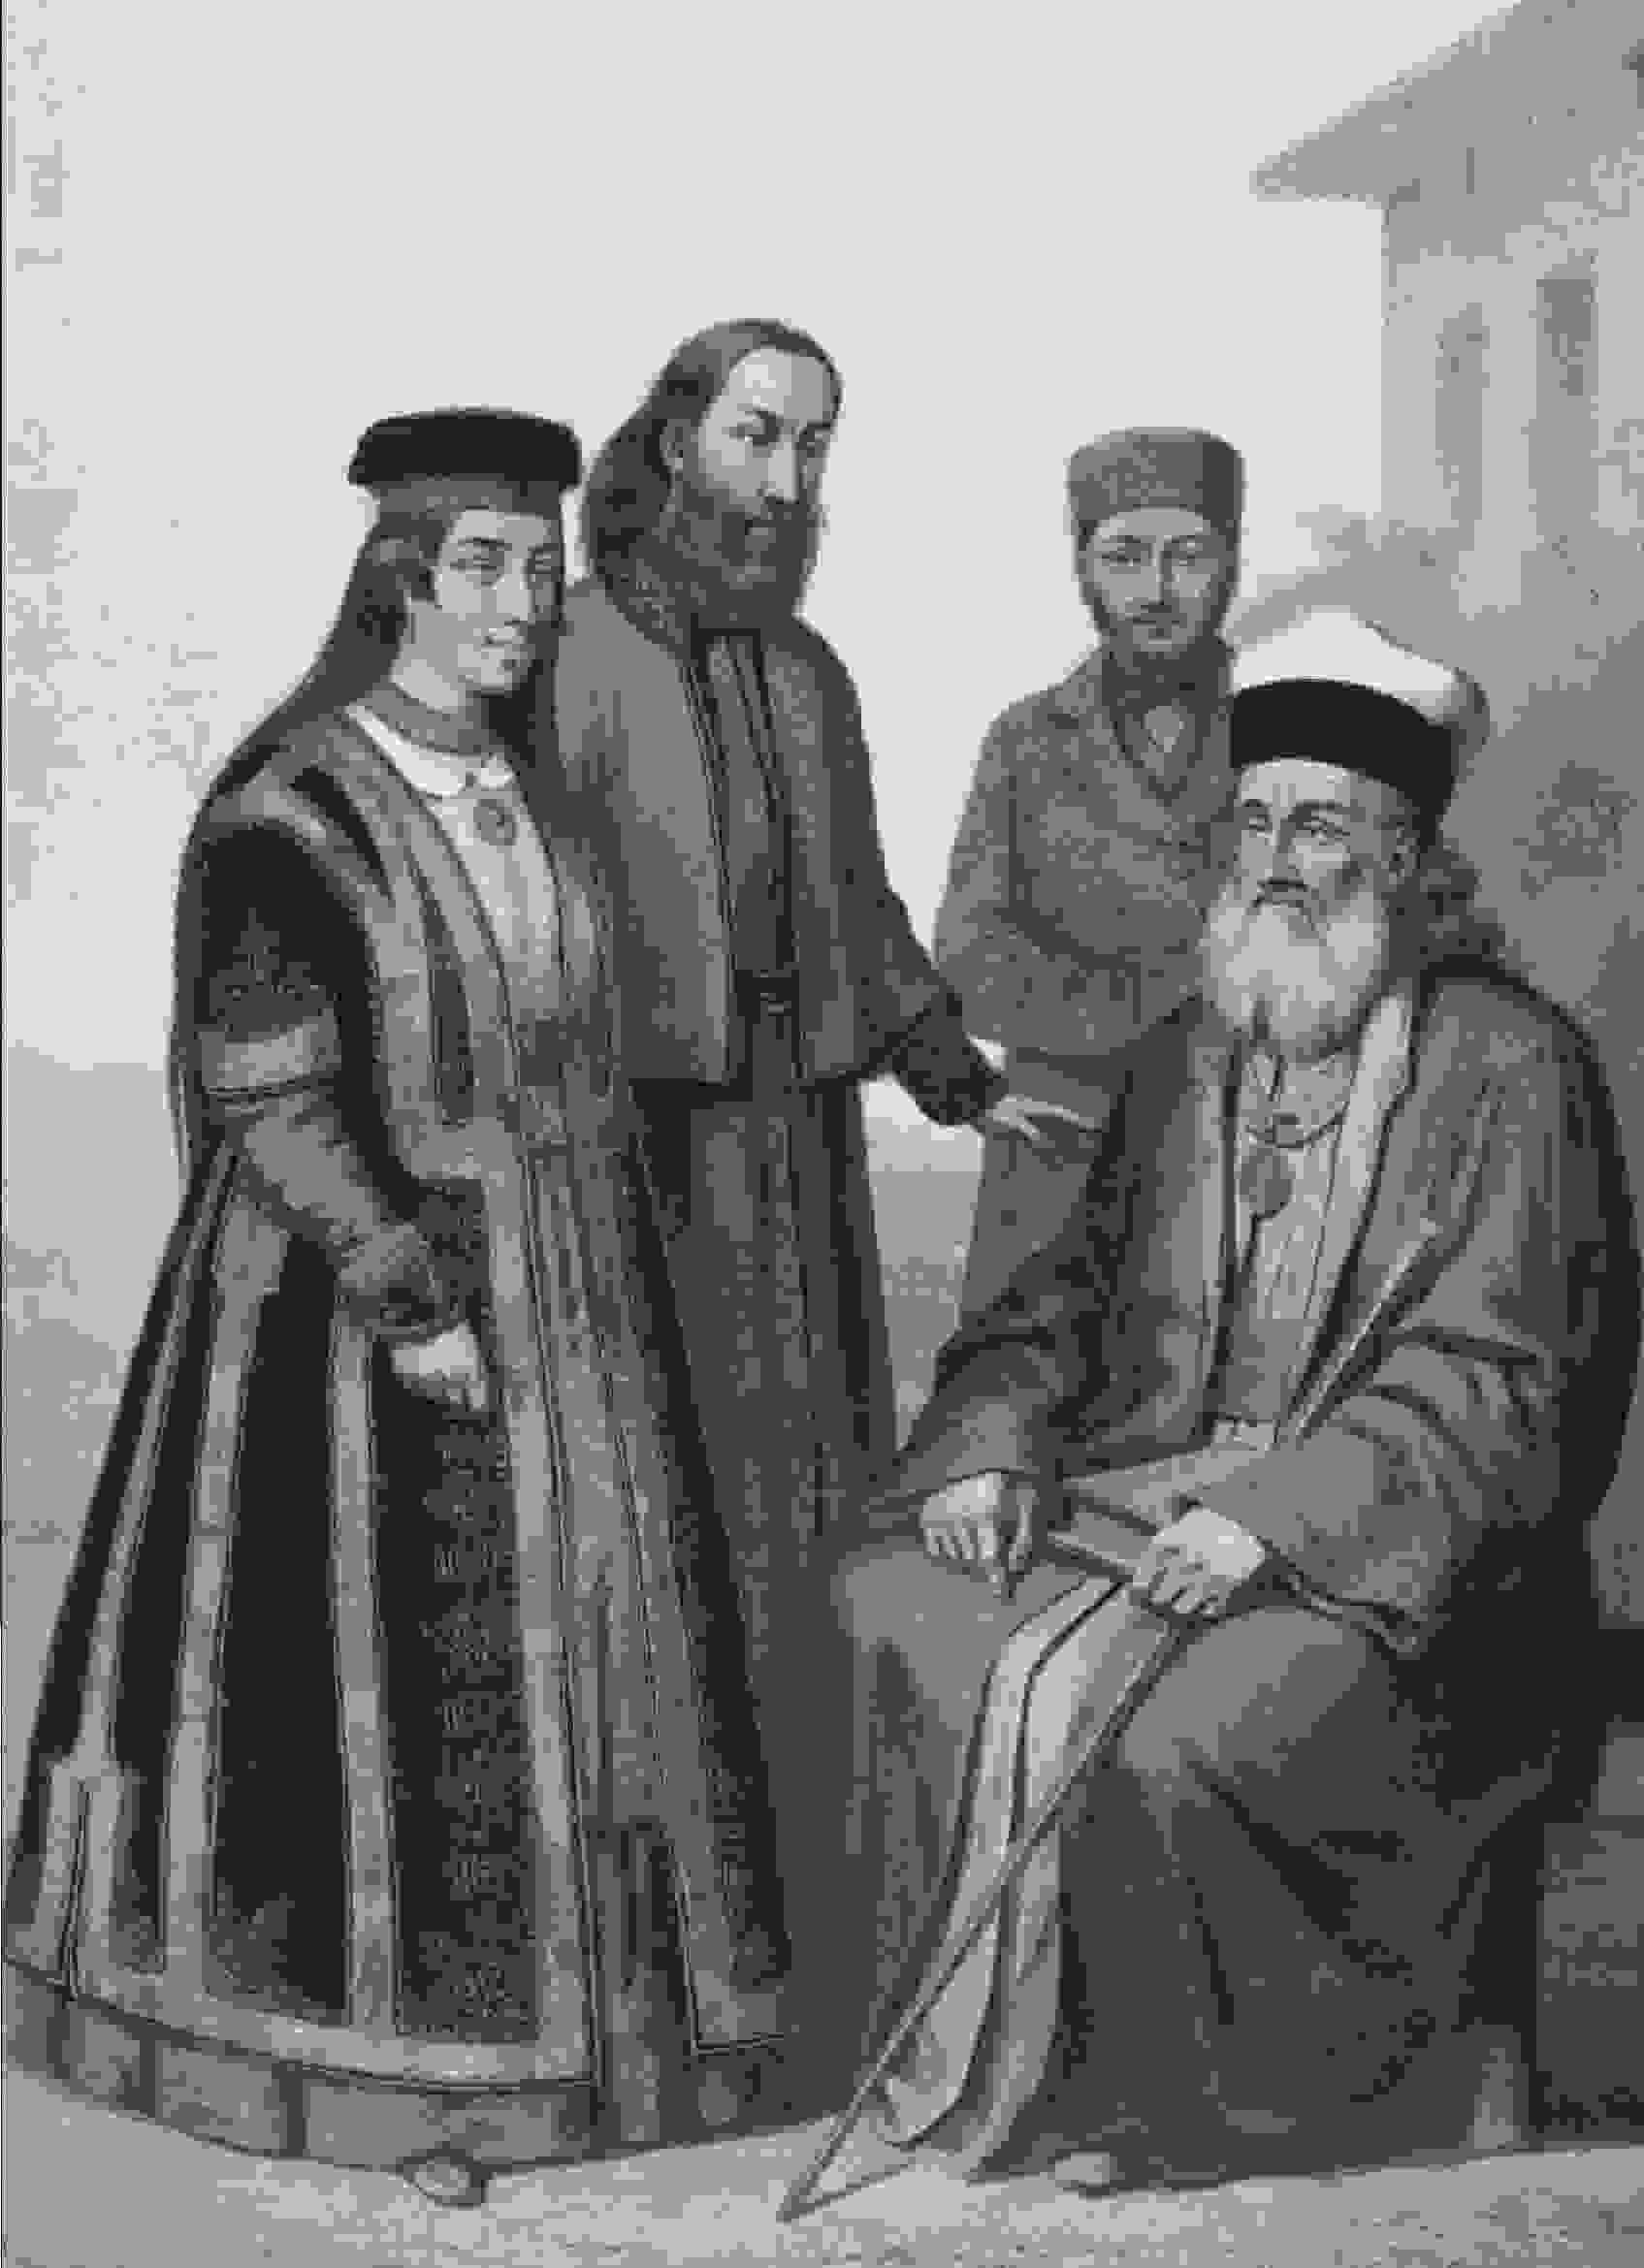 Karaim Jews Russia in 1860s